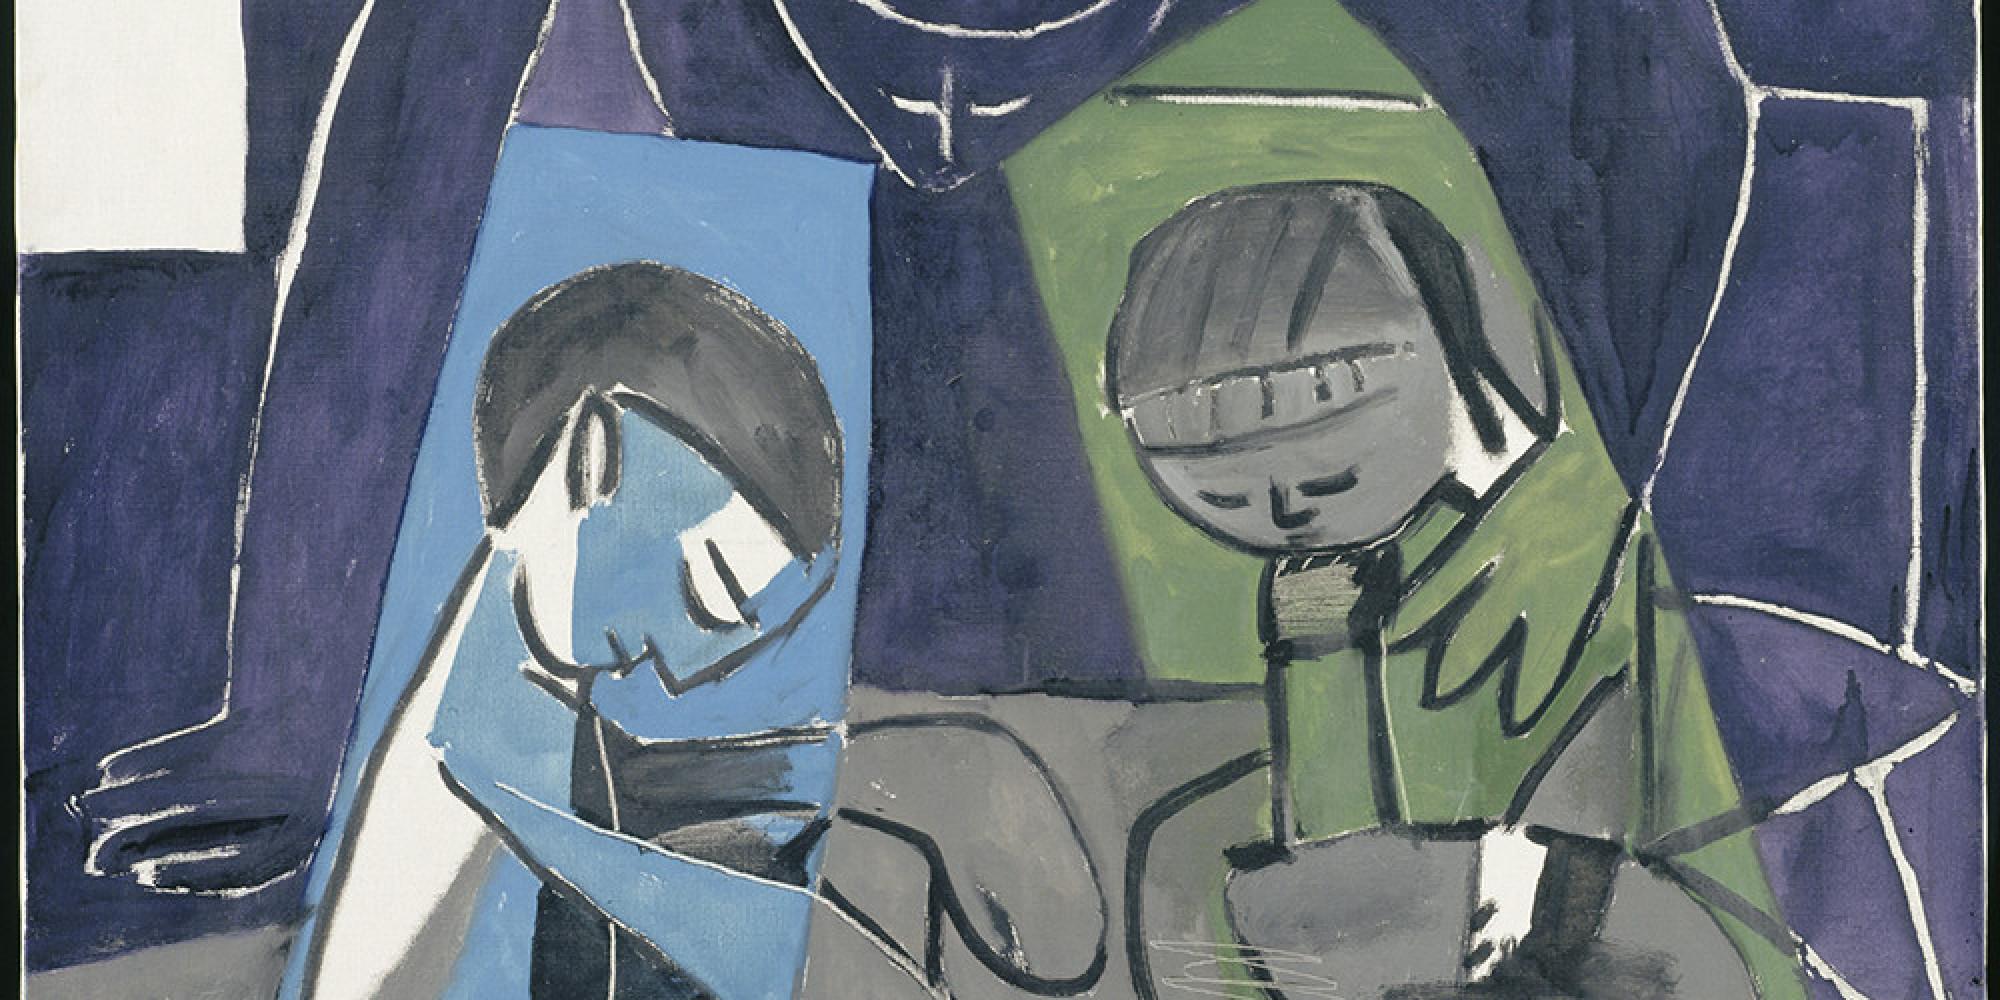 De Picasso et Dubuffet à Soulages - Le Huffington Post